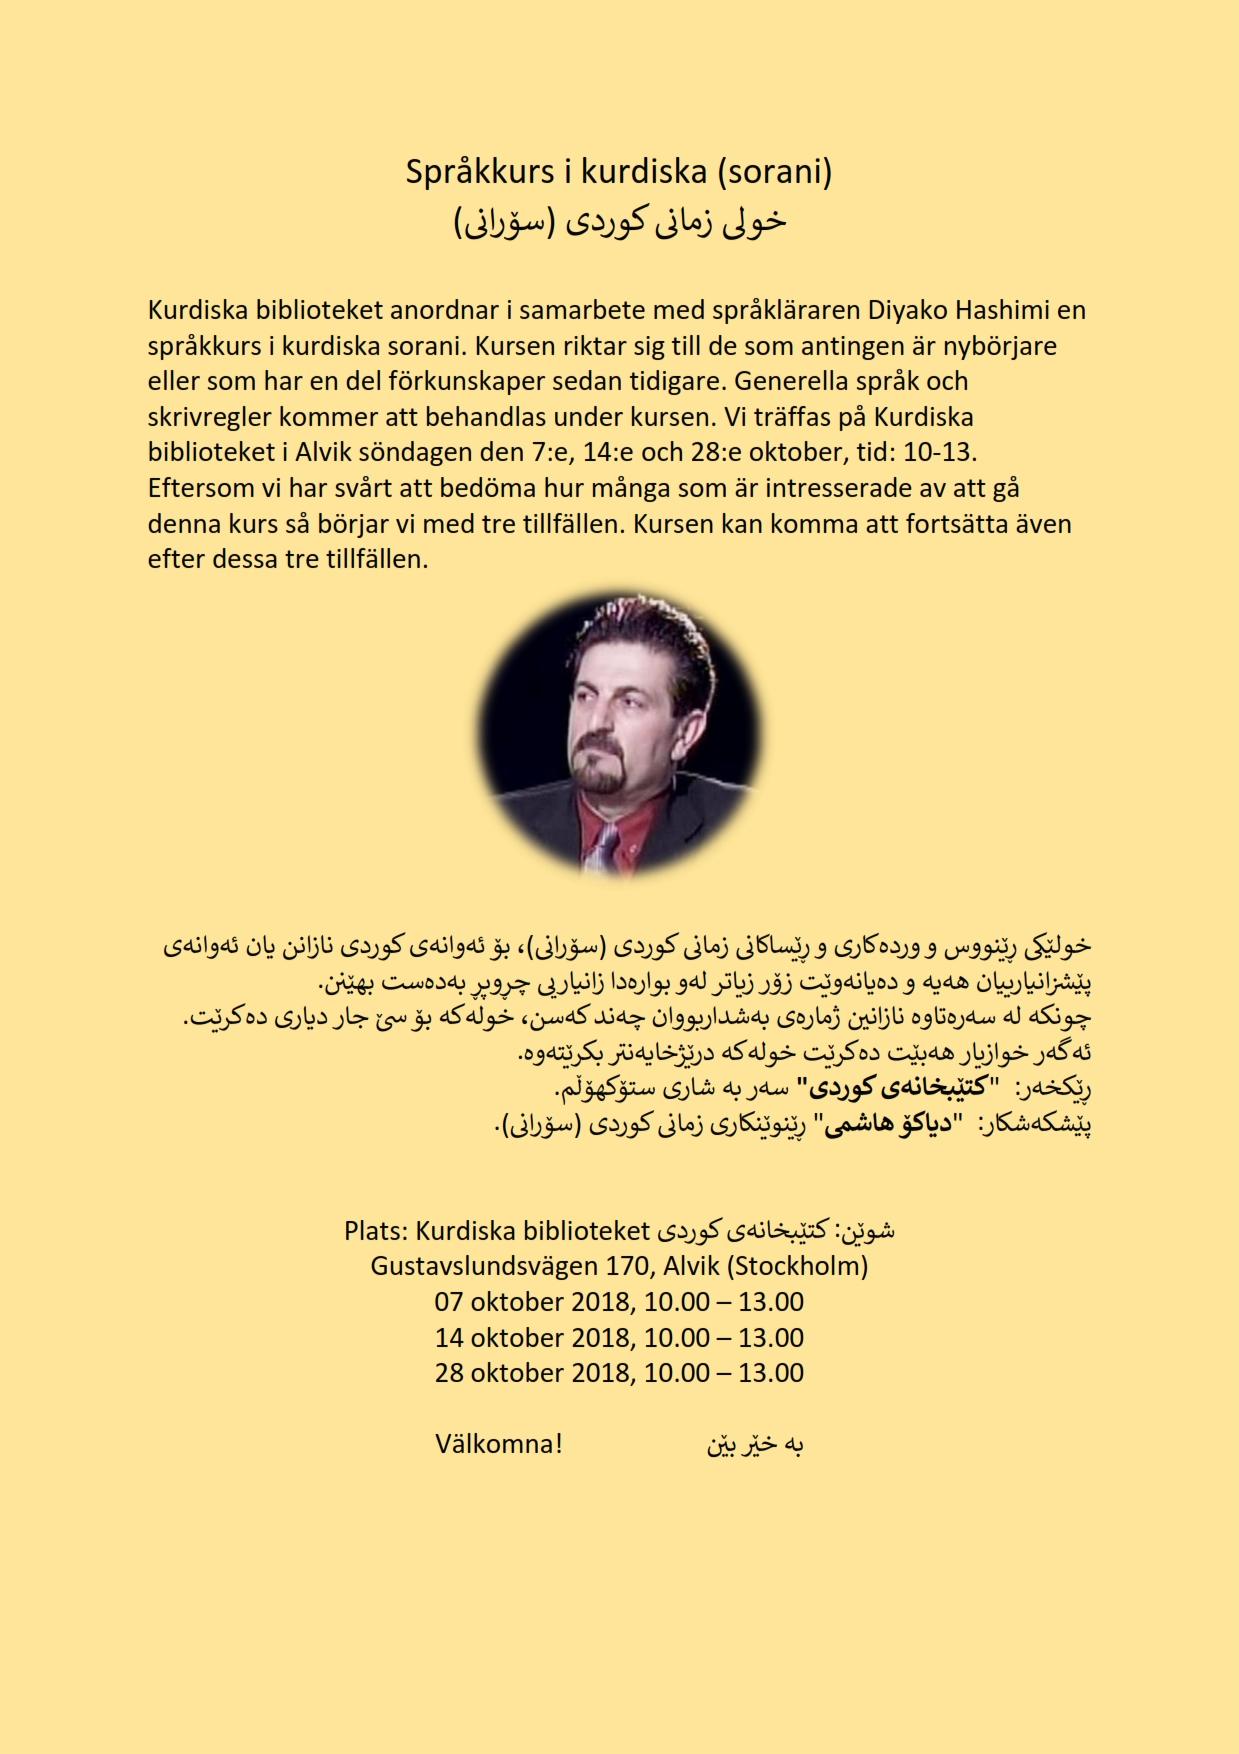 kurdiska_s